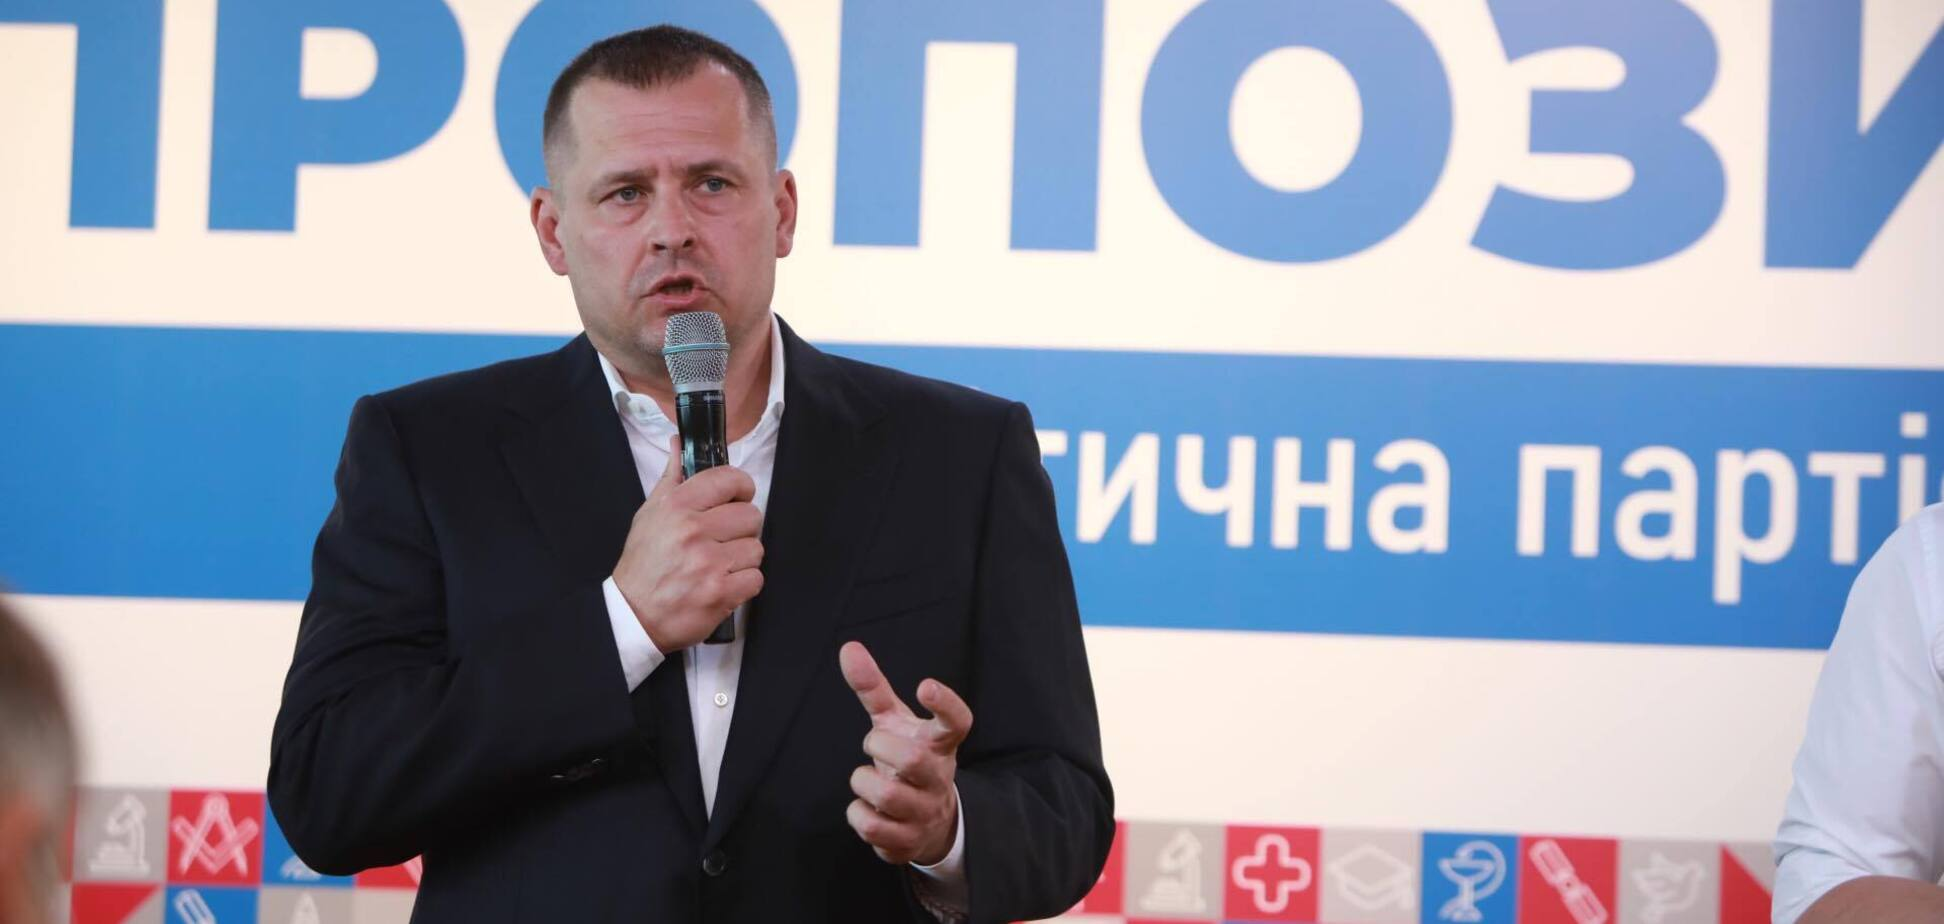 Партия  ''Пропозиція'' пойдет на парламентские выборы, – Филатов. Источник: Фото: Днепр.инфо